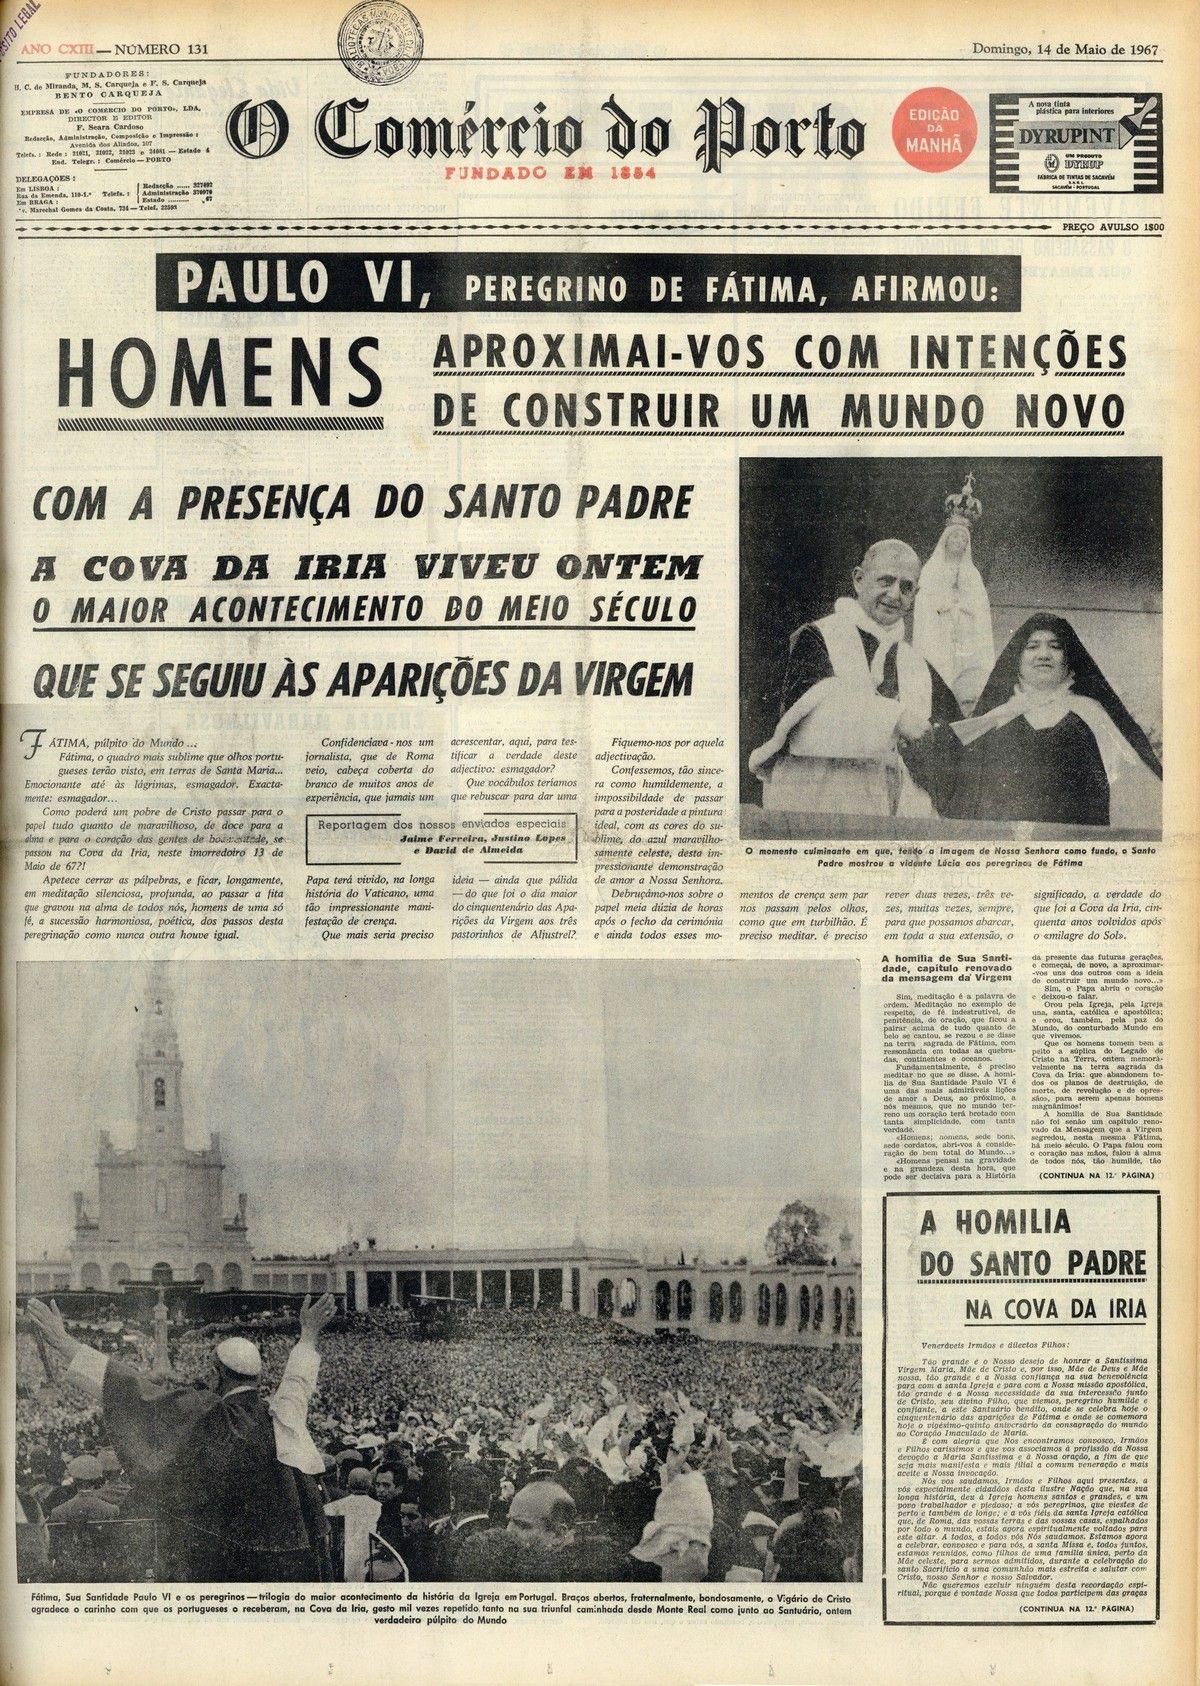 Efemerides 13 De Maio De 1967 A Visita De Paulo Vi A Fatima